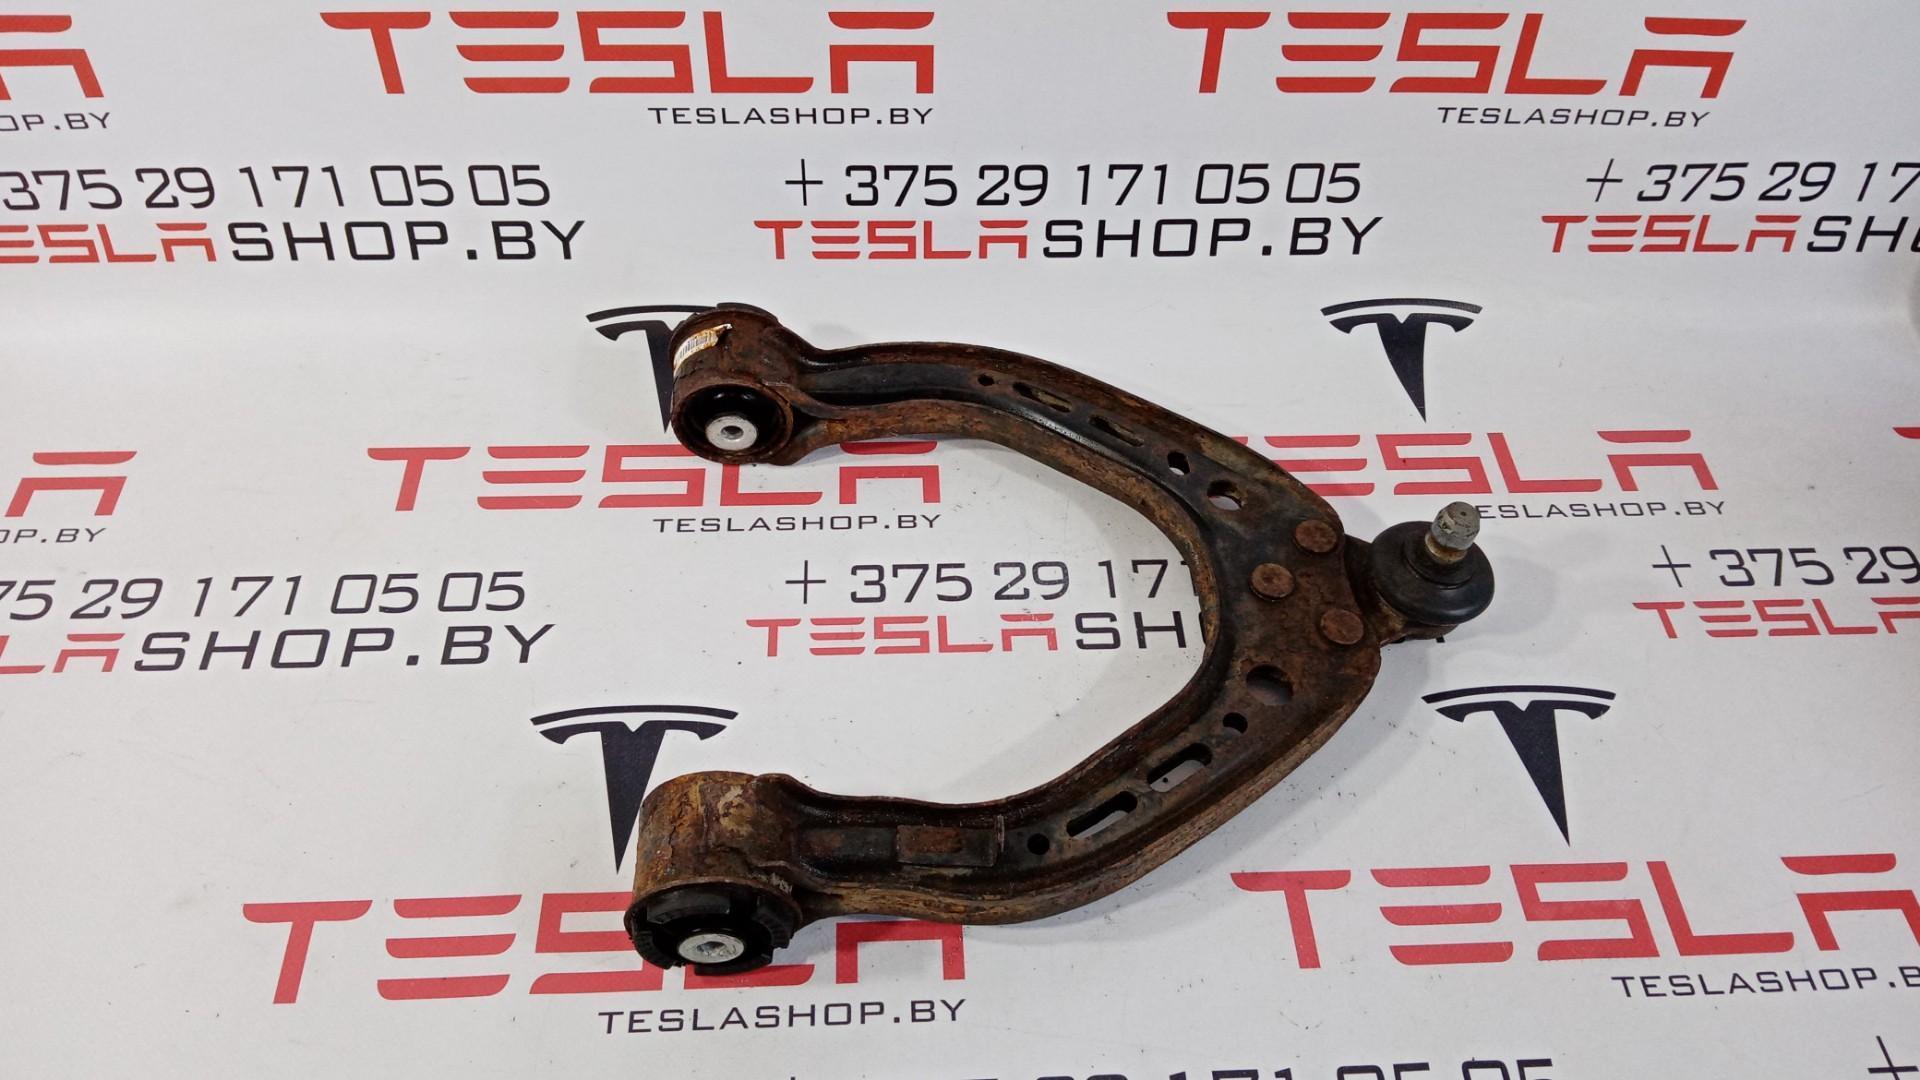 Рычаг передний левый Tesla model S 6006532-00-A